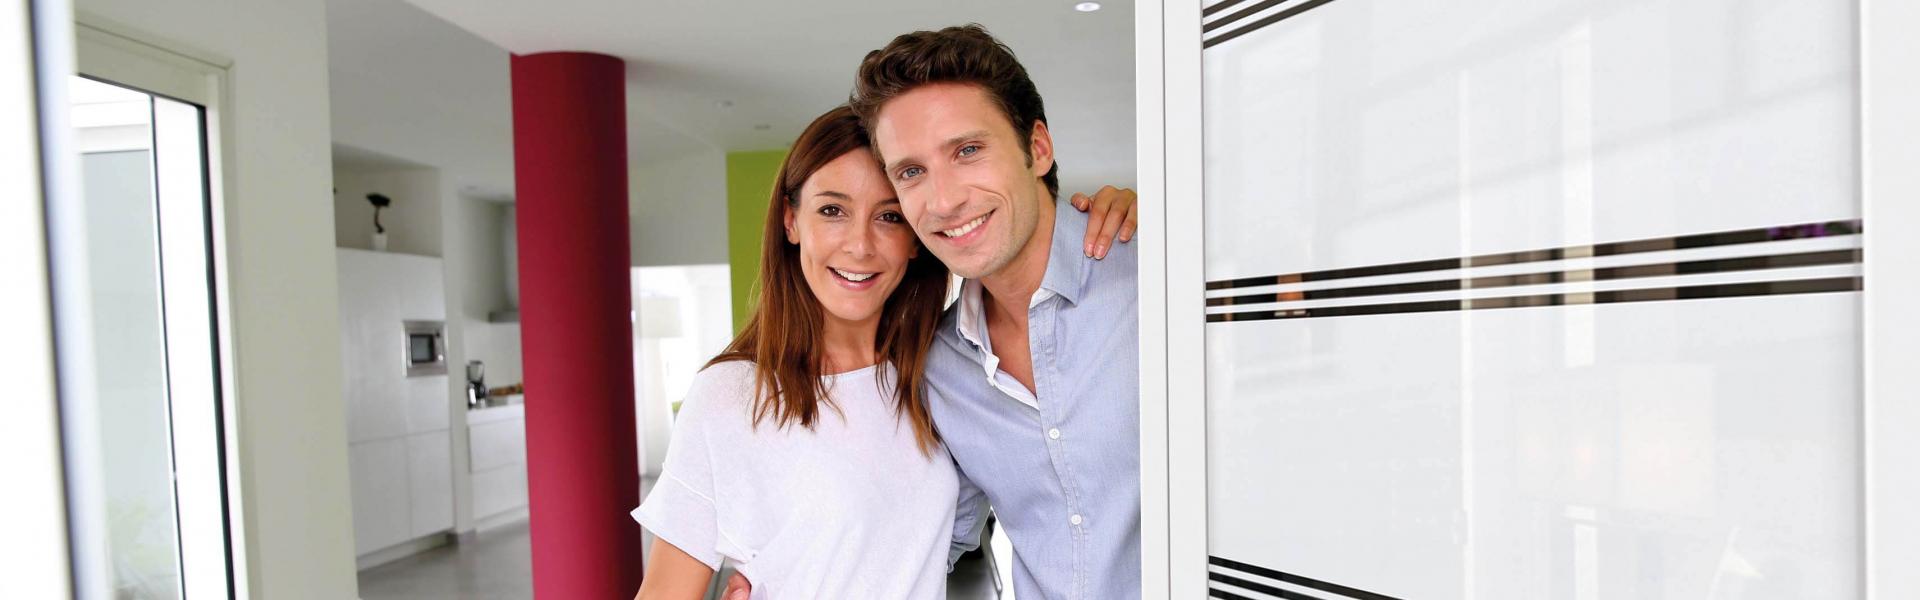 amcc nos conseils pour bien choisir sa porte d 39 entr e. Black Bedroom Furniture Sets. Home Design Ideas